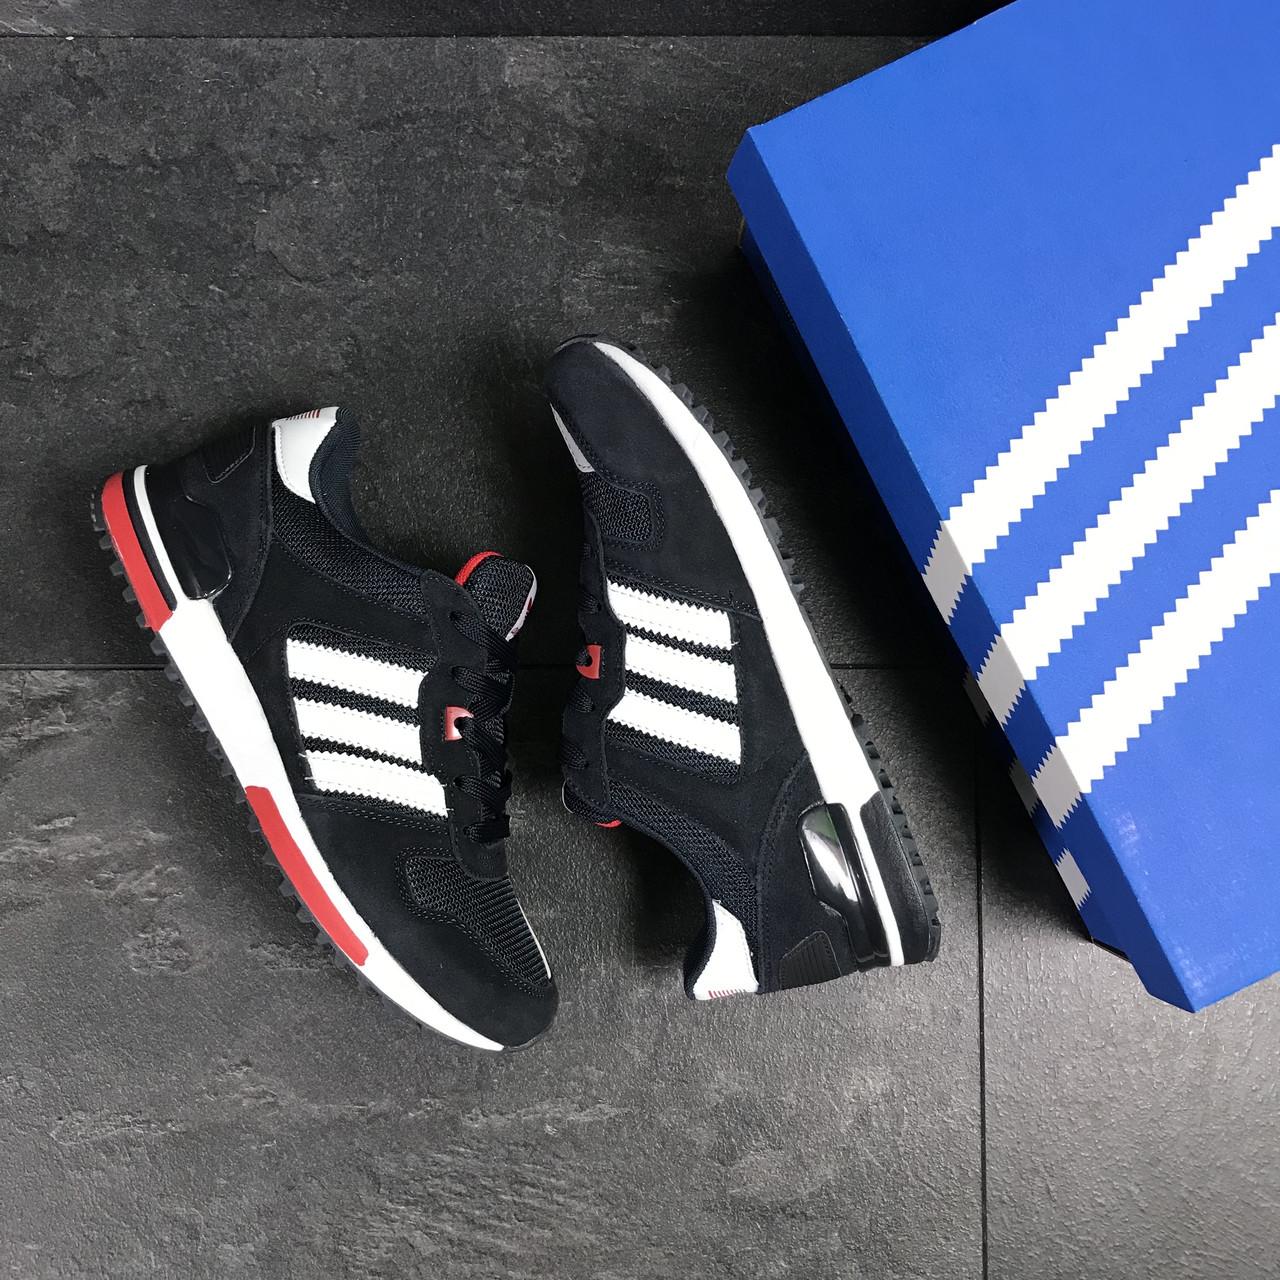 best loved 0572d 40d98 ... Мужские кроссовки Adidas ZX 700 синие, фото 6